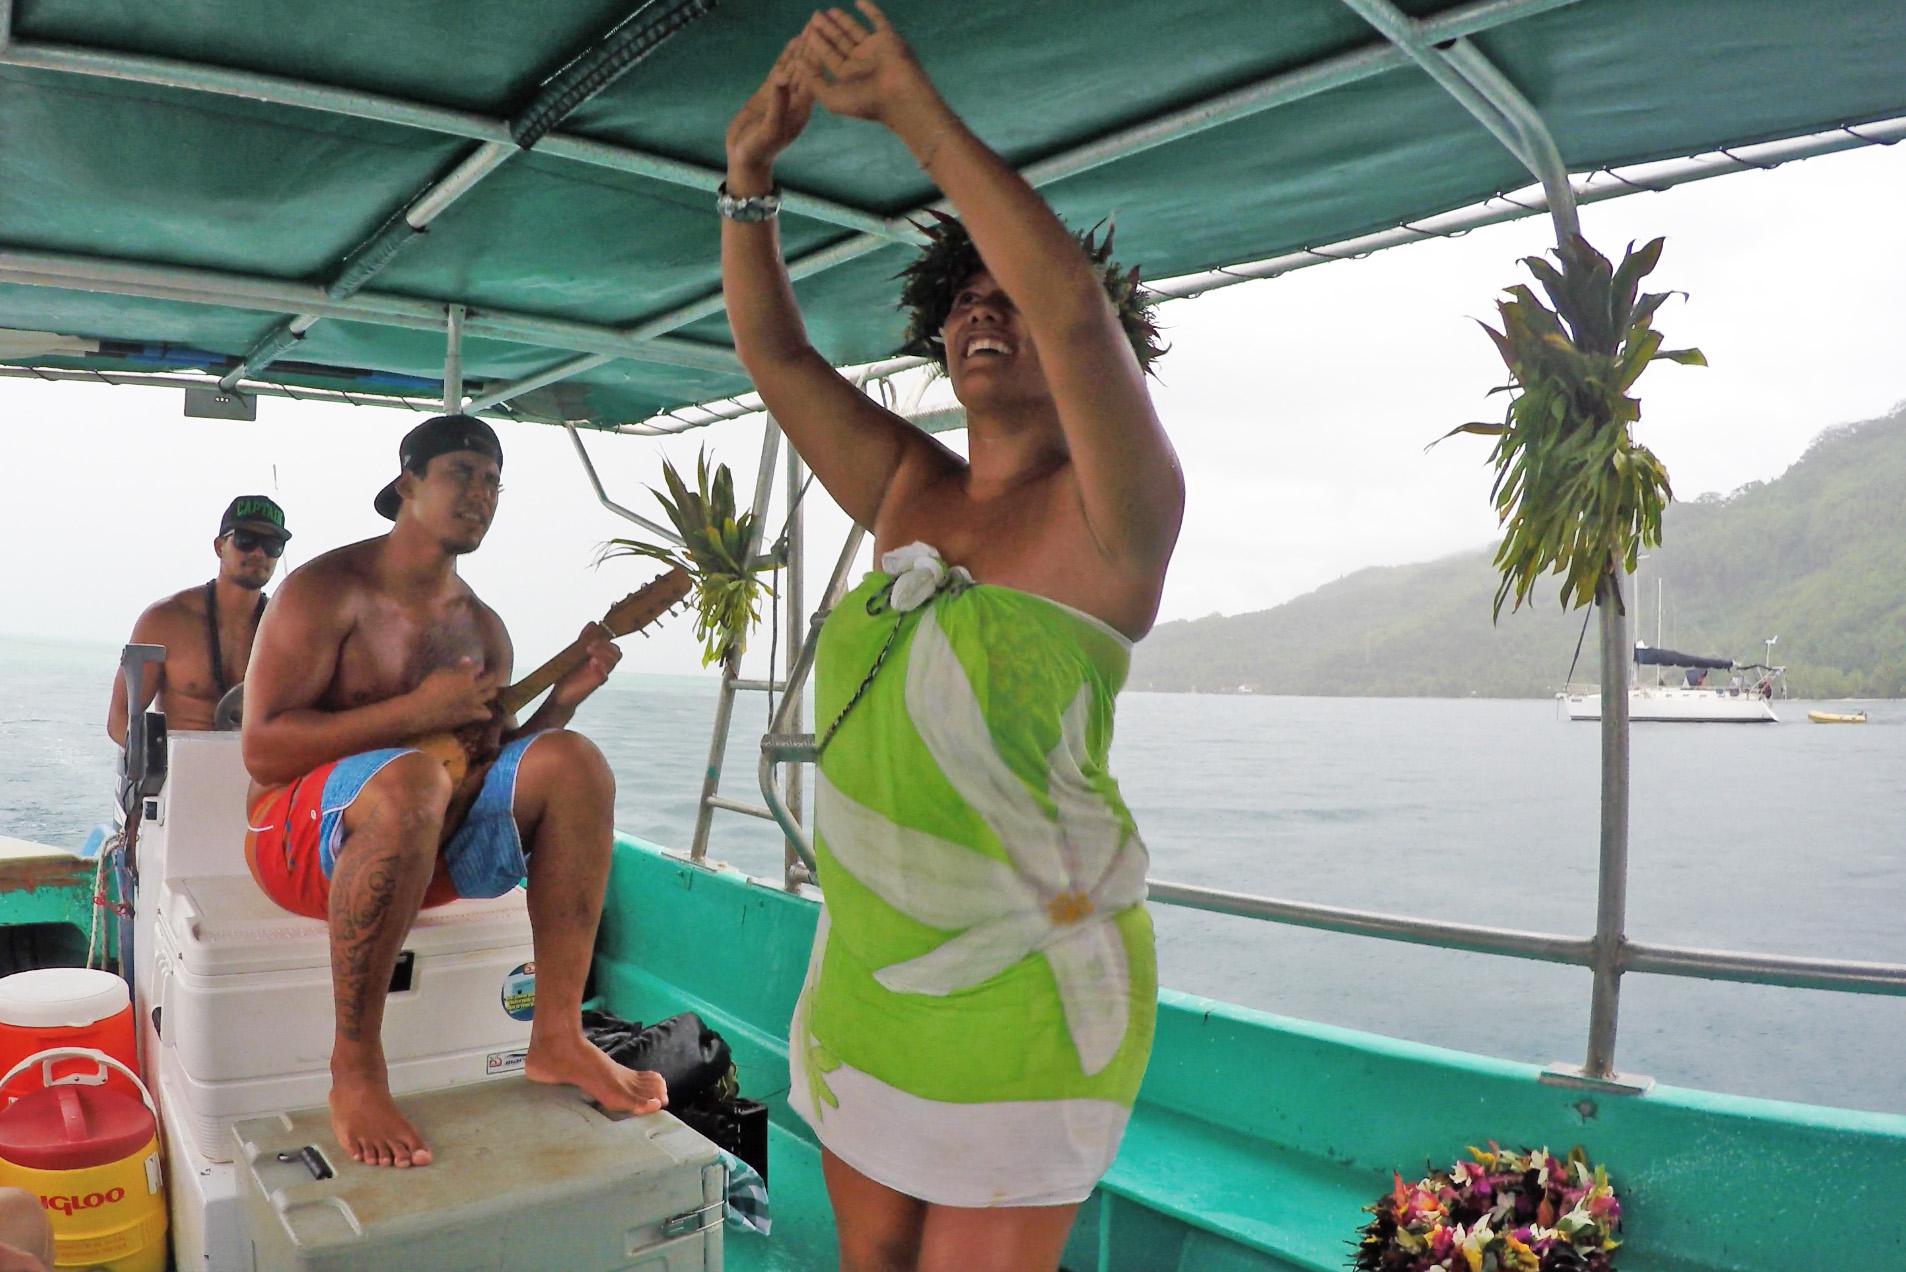 Danças típicas e músicas polinésias tocadas no Ukulele durante o passeio de barco da Poe Island Tour por Huahine | foto: Lala Rebelo